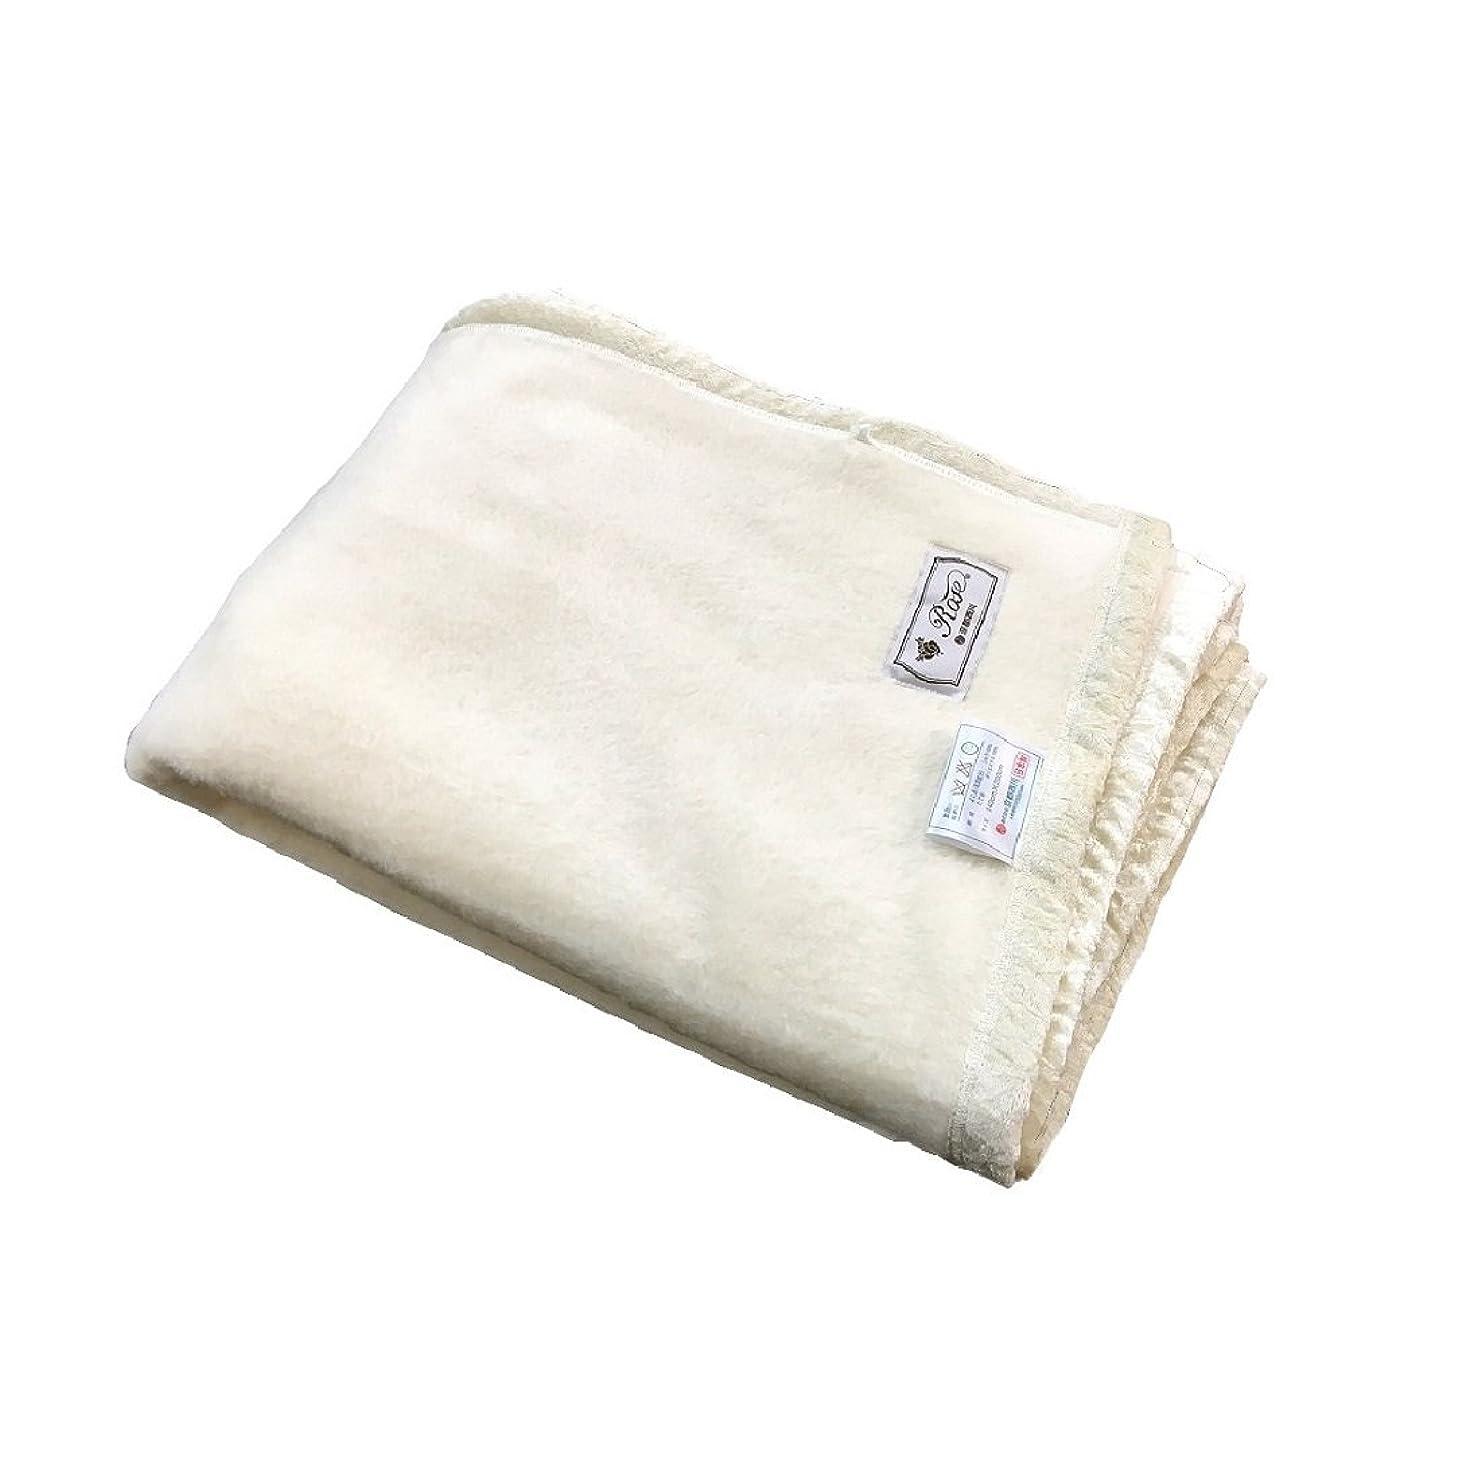 フィラデルフィアファックス有益京都西川 シルク毛布 (毛羽部分) 日本製 シングルサイズ 140×200cm クリーム SGU2561 S